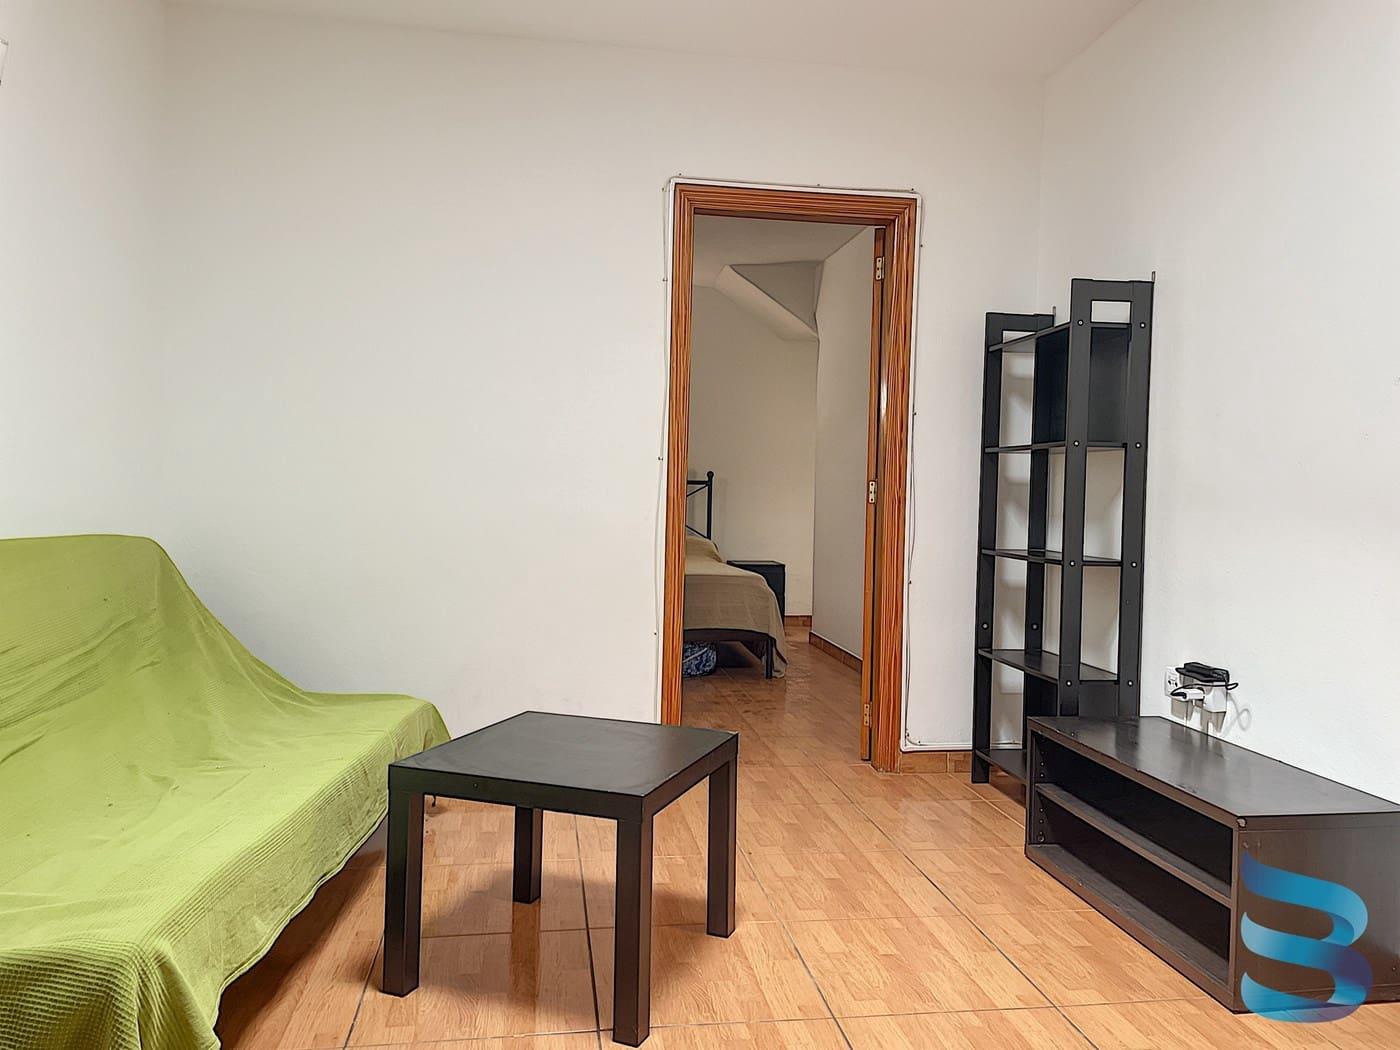 1 bedroom Flat for sale in Valles de Ortega - € 47,000 (Ref: 5794032)